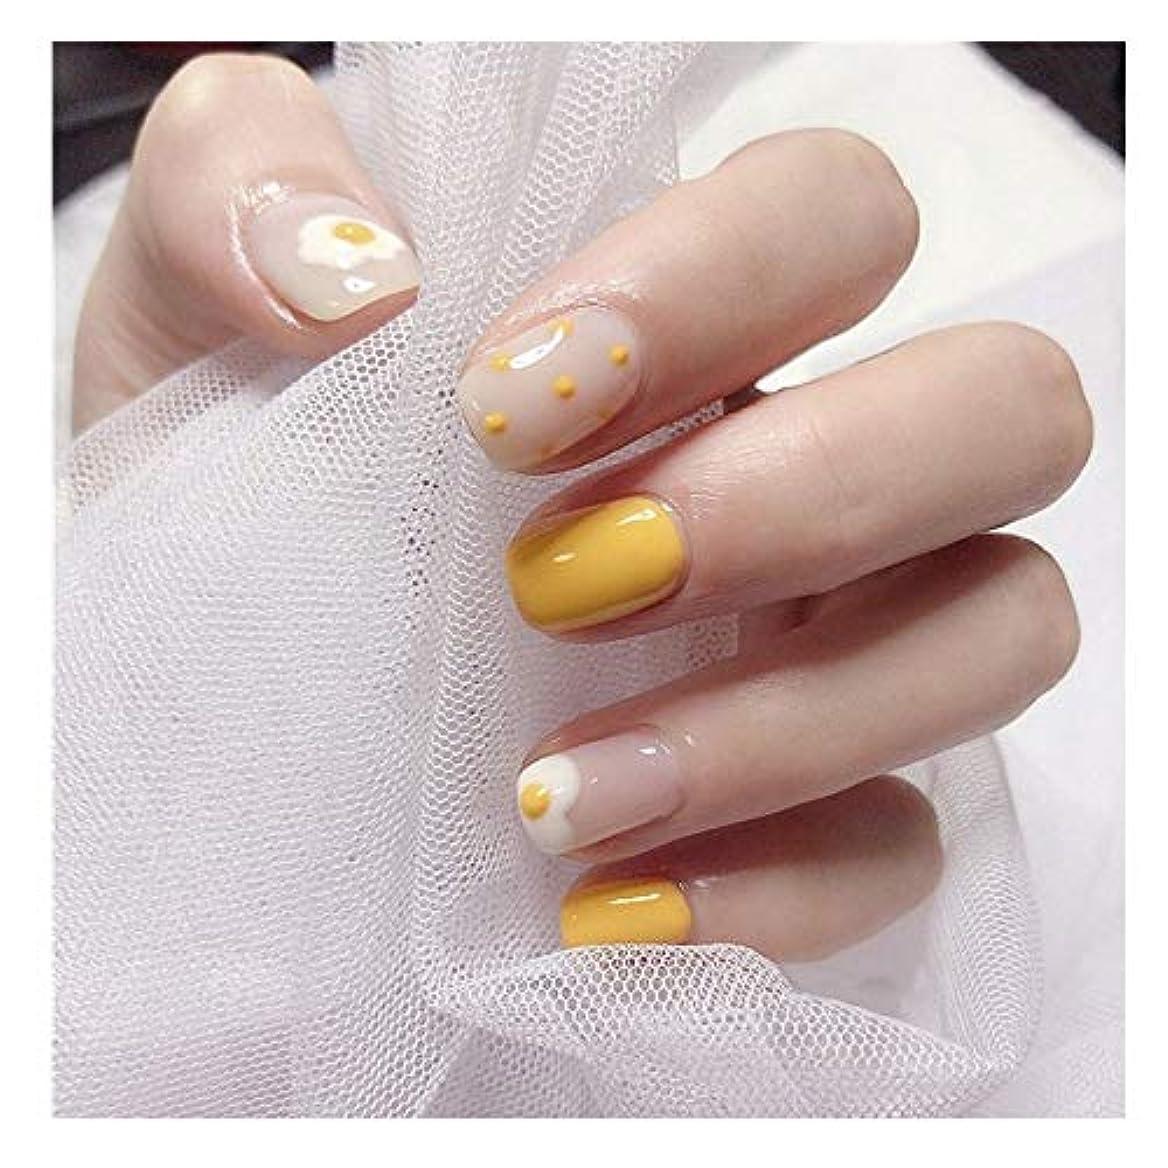 立場農学彼らYESONEEP 黄色の卵偽の釘のショートスクエアネイルグルー完成ネイルアートフェイクネイルズ (色 : 24 pieces)